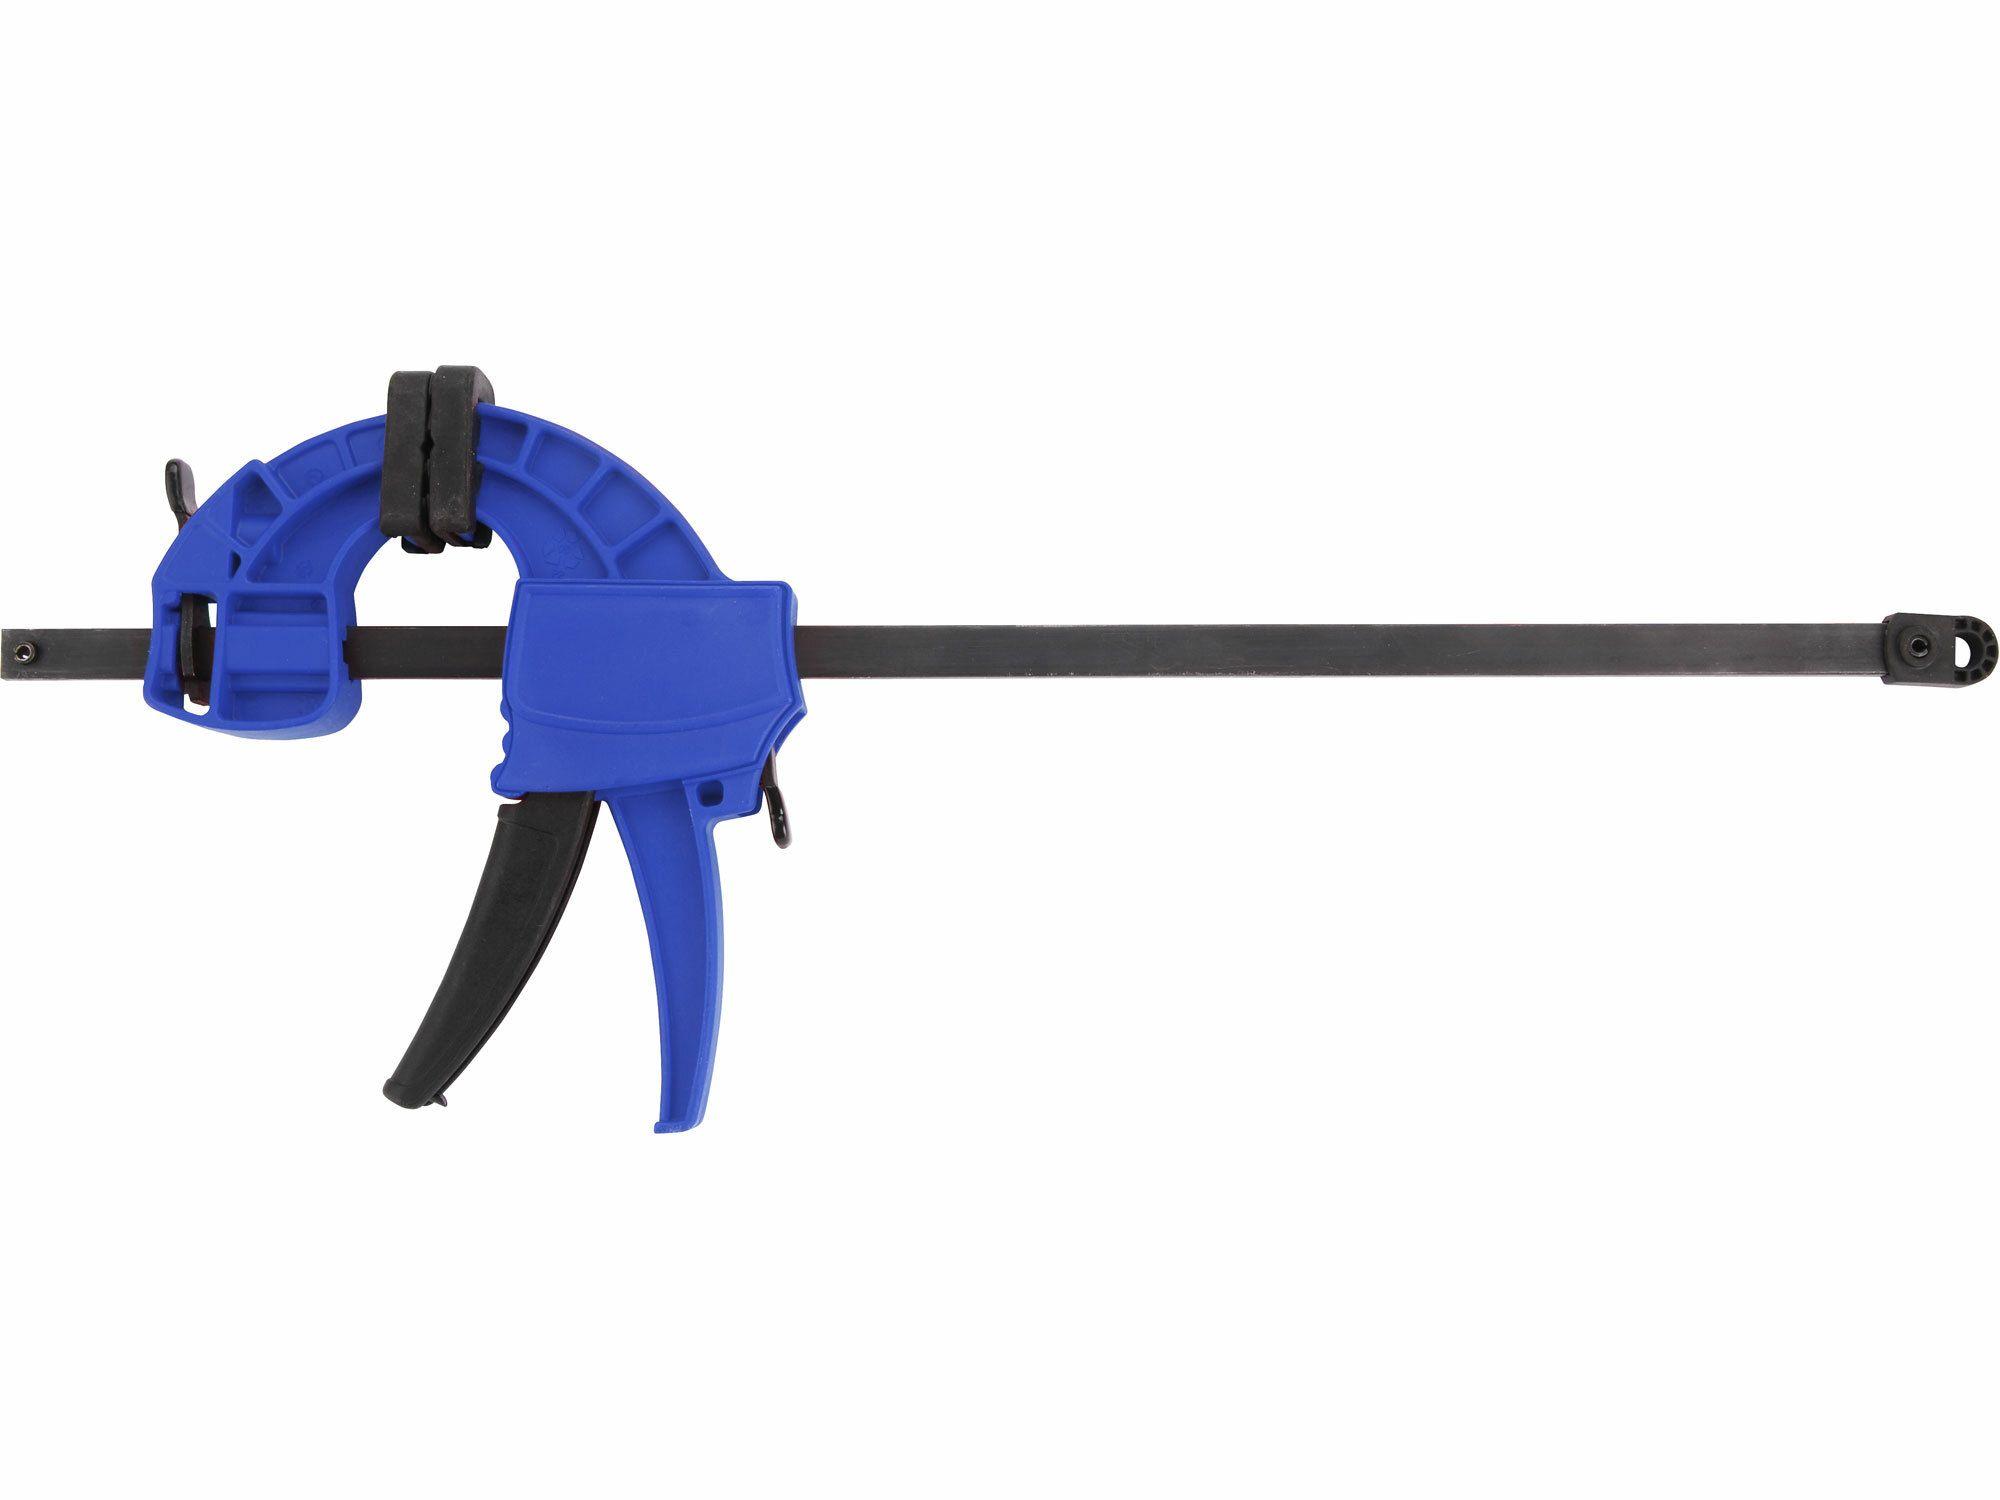 Svěrka rychloupínací, 300mm, 165-450mm, EXTOL CRAFT 715523